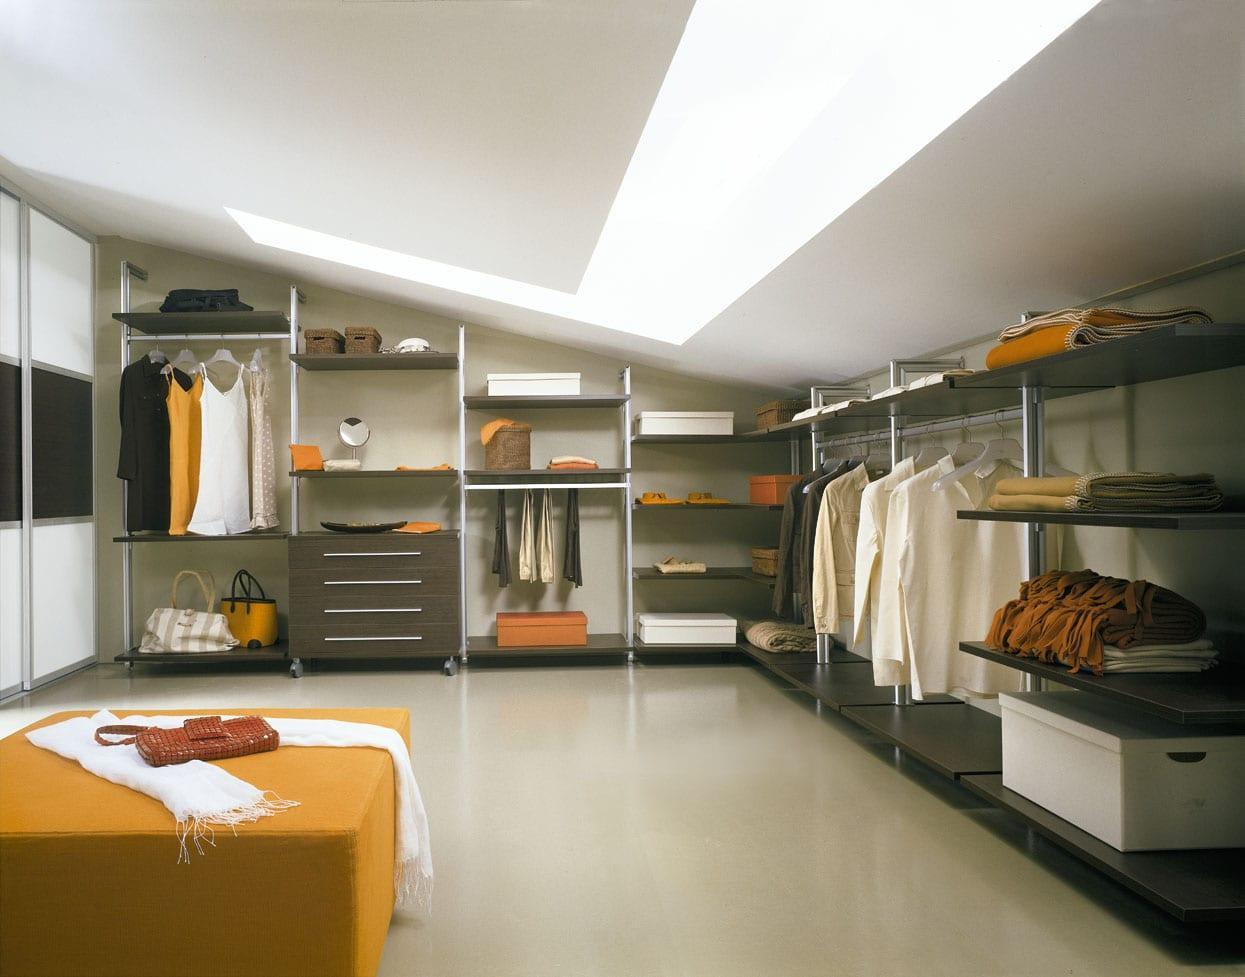 ankleidezimmer im dachraum mit interessantem oberlicht und offene Kleiderständern und rechteckigem hocker in gelb